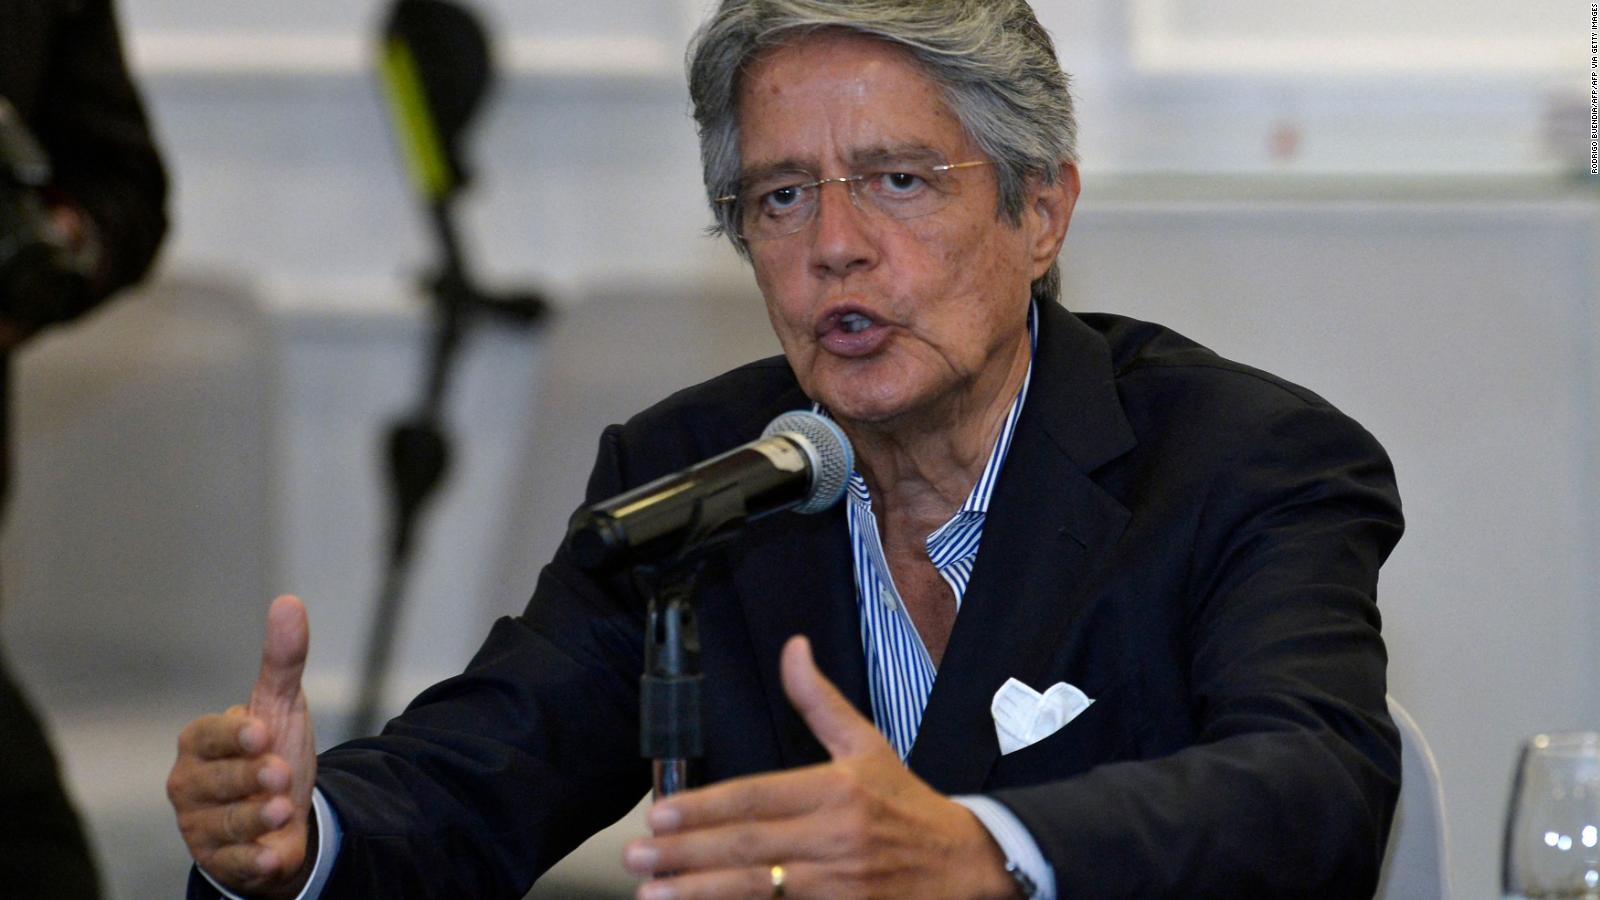 El presidente de Ecuador Guillermo Lasso recibe su primera vacuna contra el covid-19